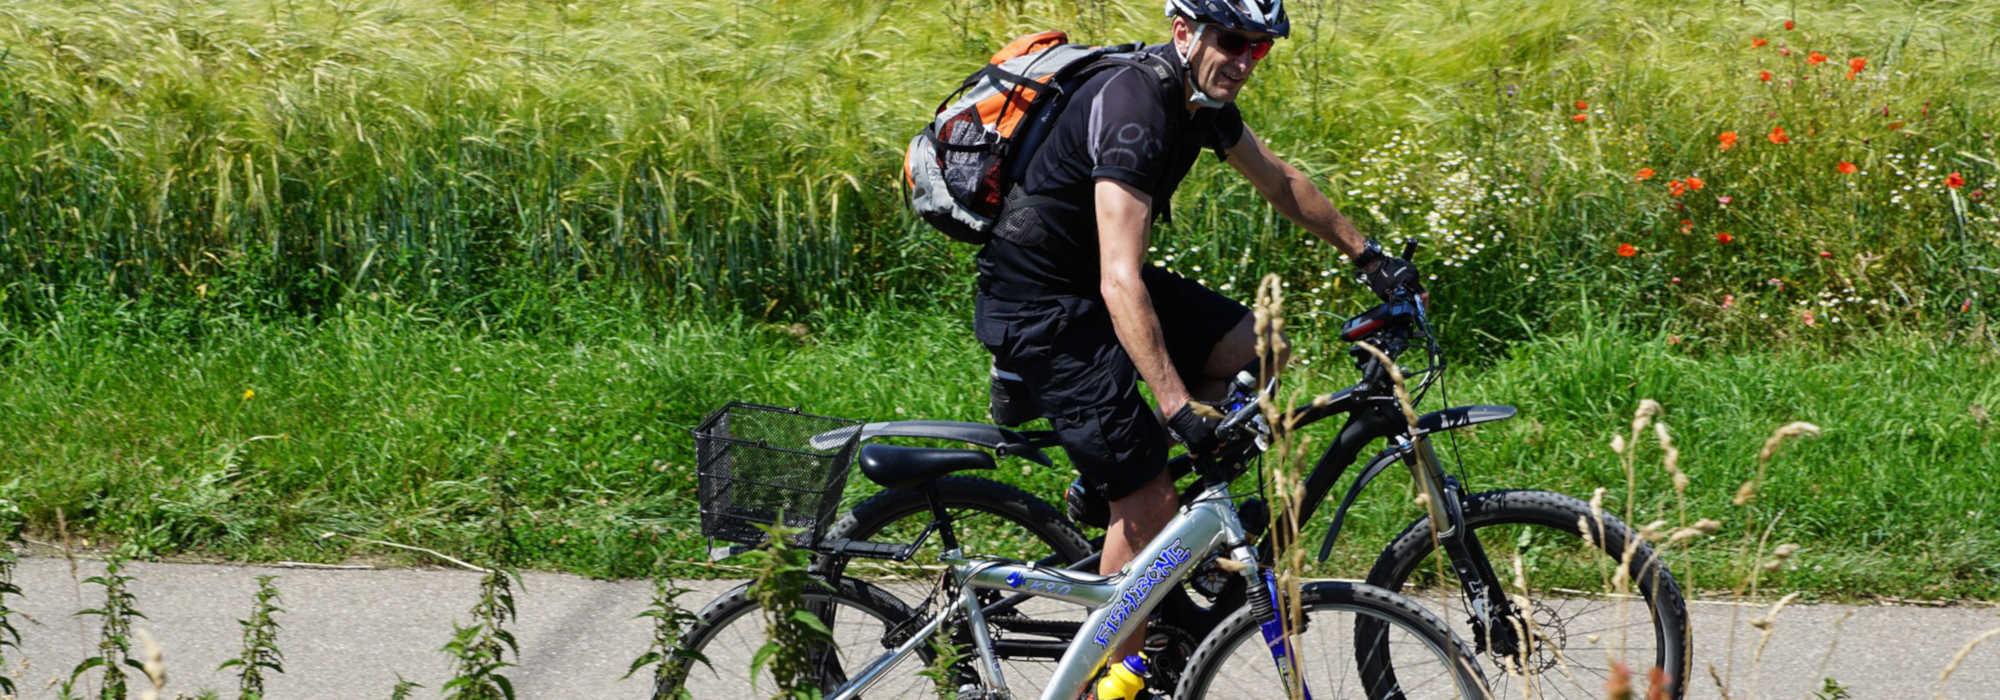 Fahrräder Crossbikes Leonberg